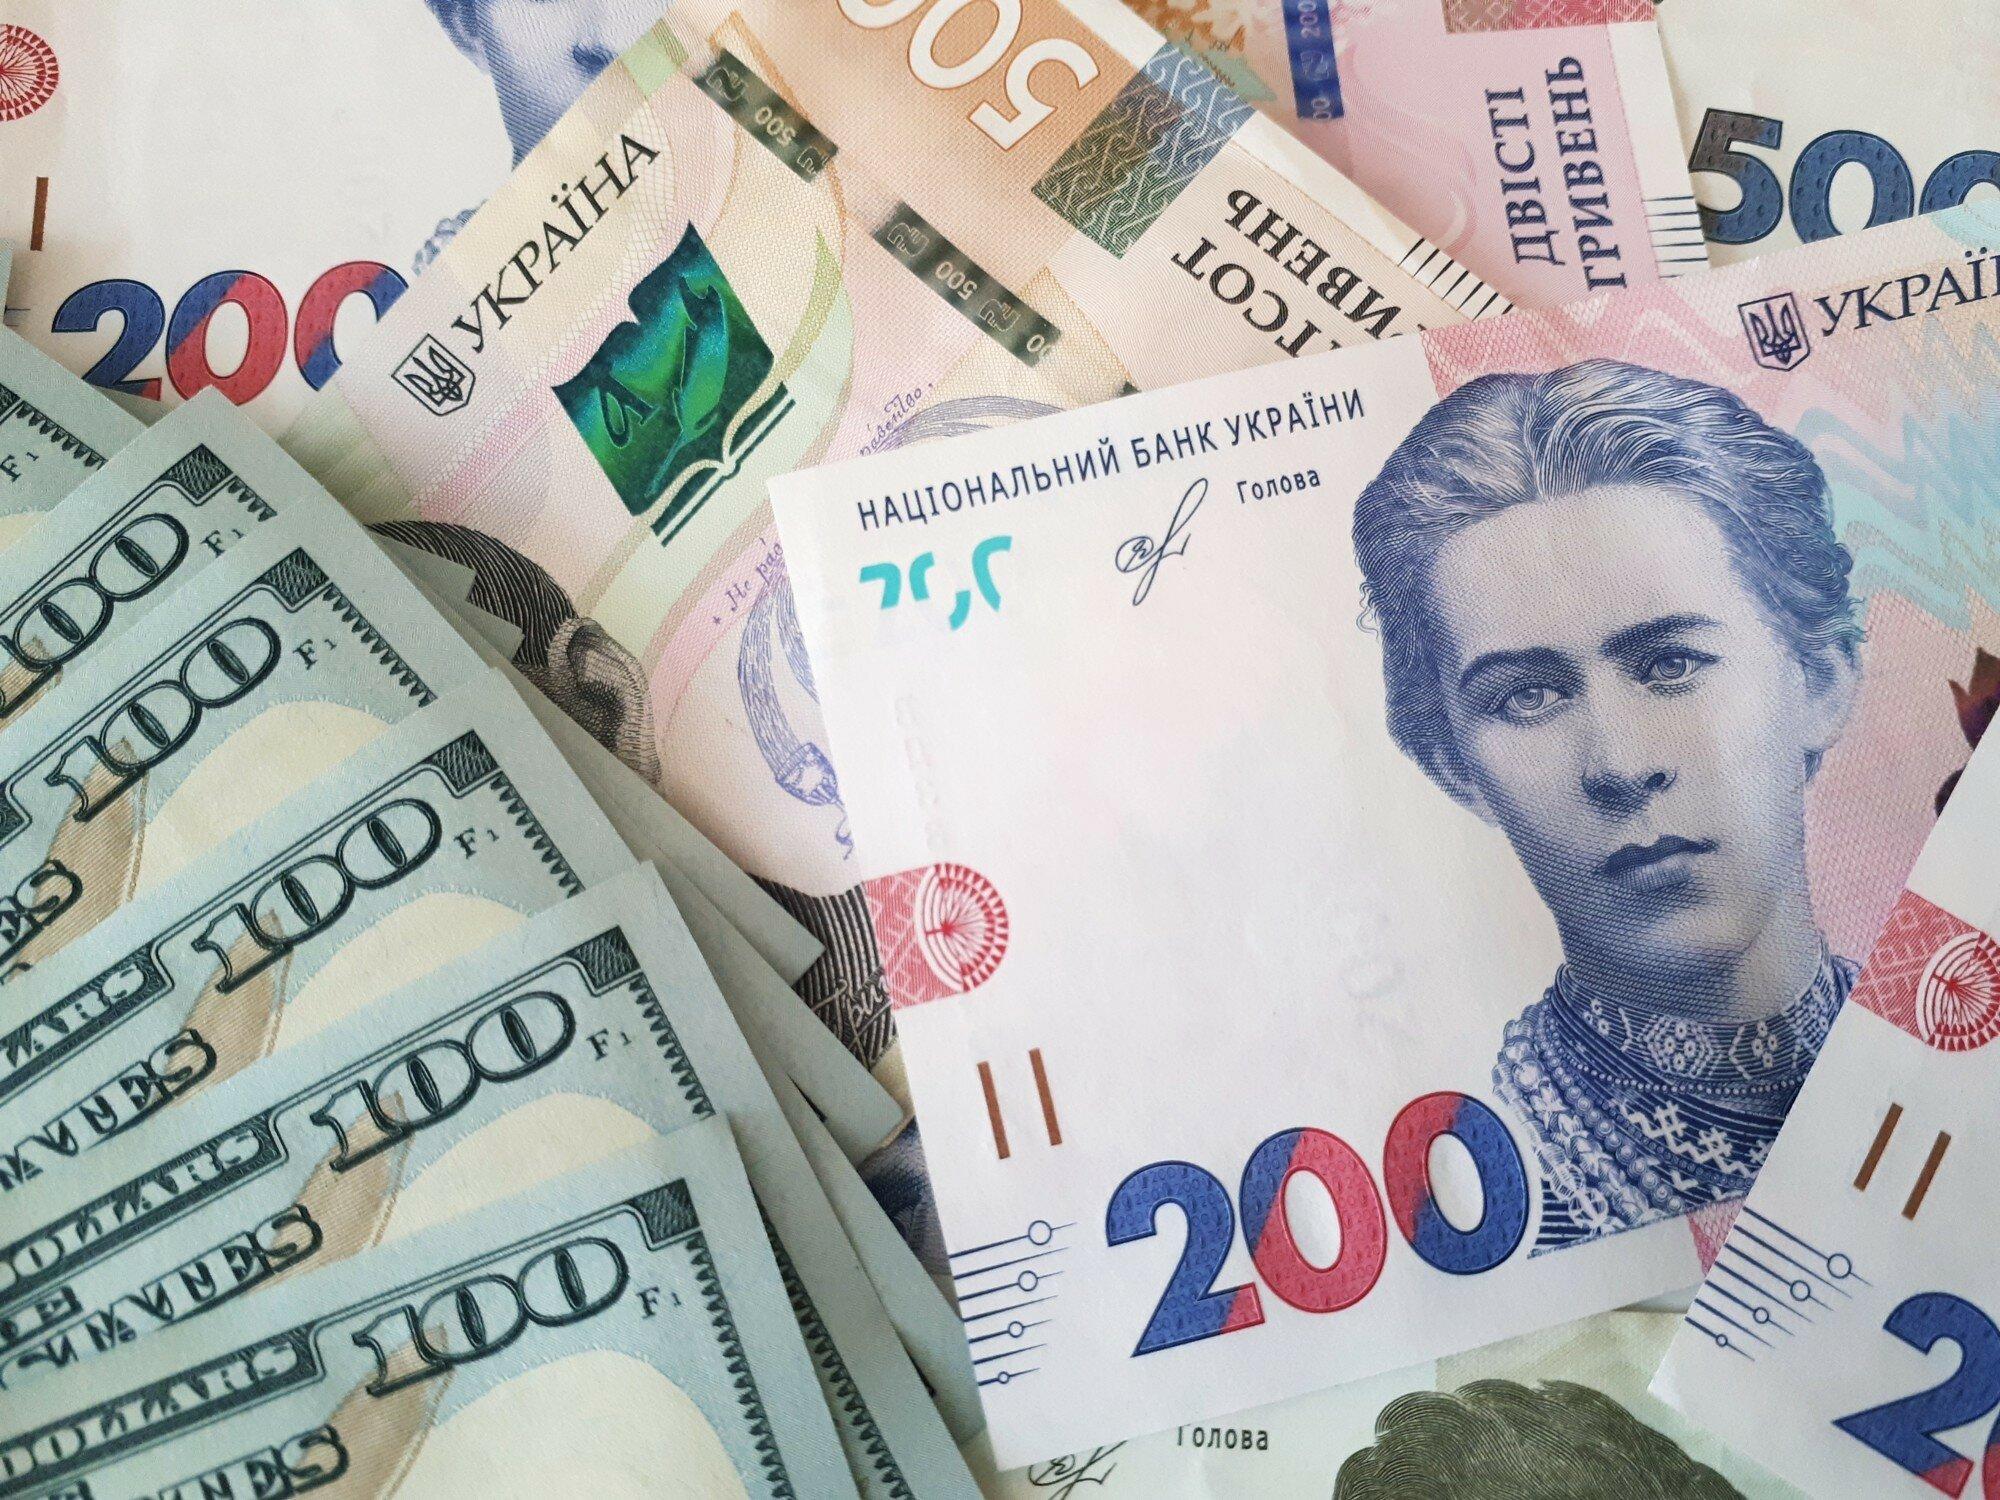 Из-за проблем с таможенным декларированием Украина могла потерять миллиарды